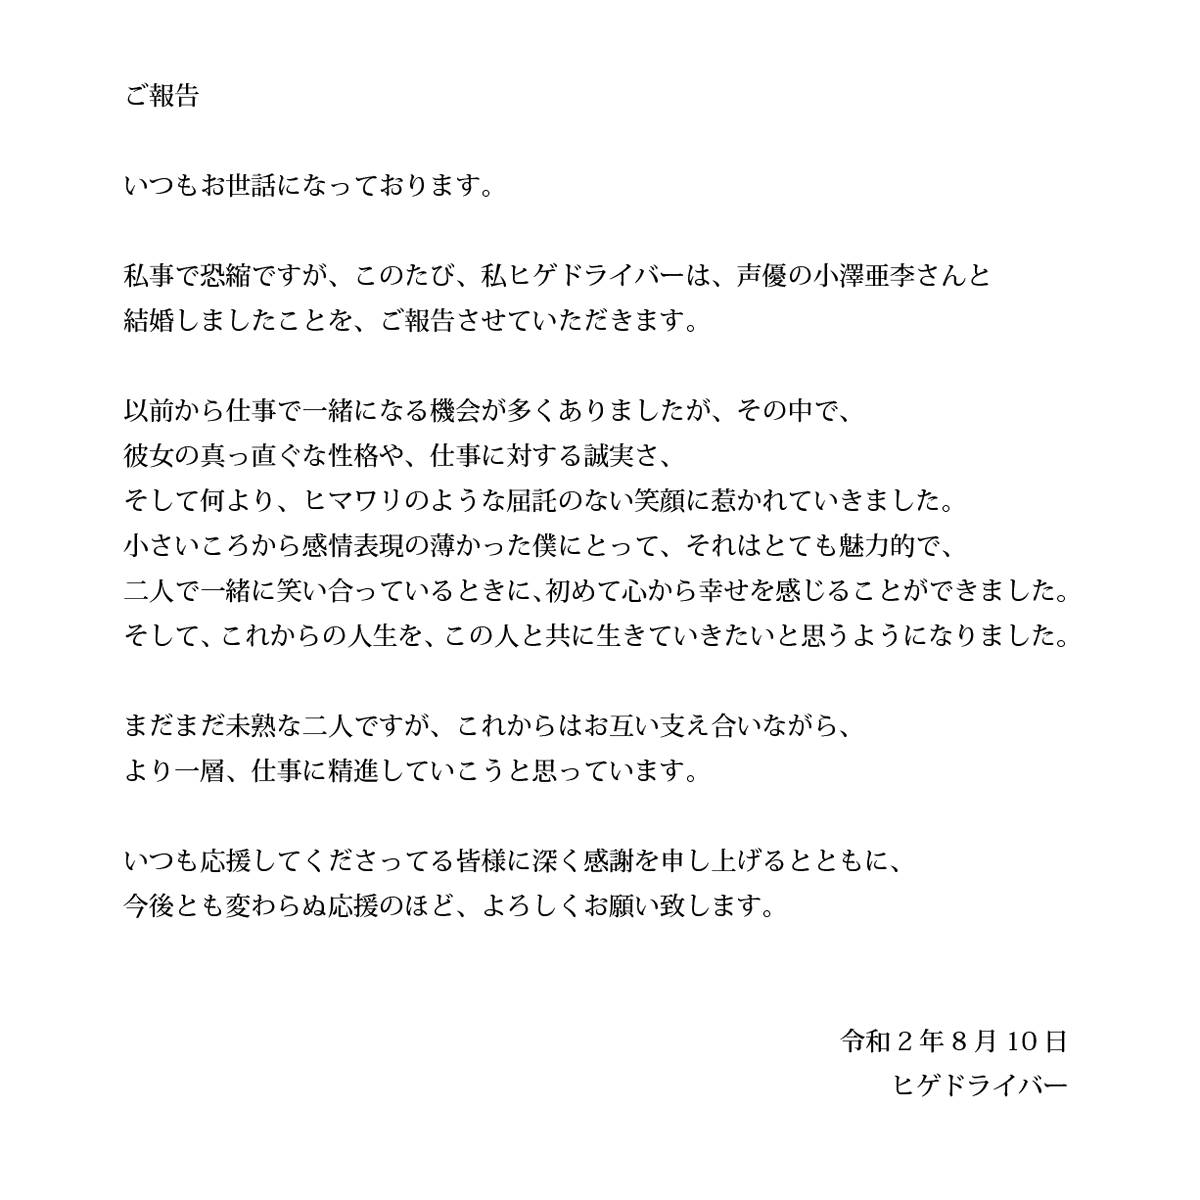 小澤亞李在自己生日的這天,通過網站宣布了自己結婚的消息。對象音樂家「Hige Driver」則在推特發布文稿宣布這個消息。 EfBwX8eUYAIhLuq